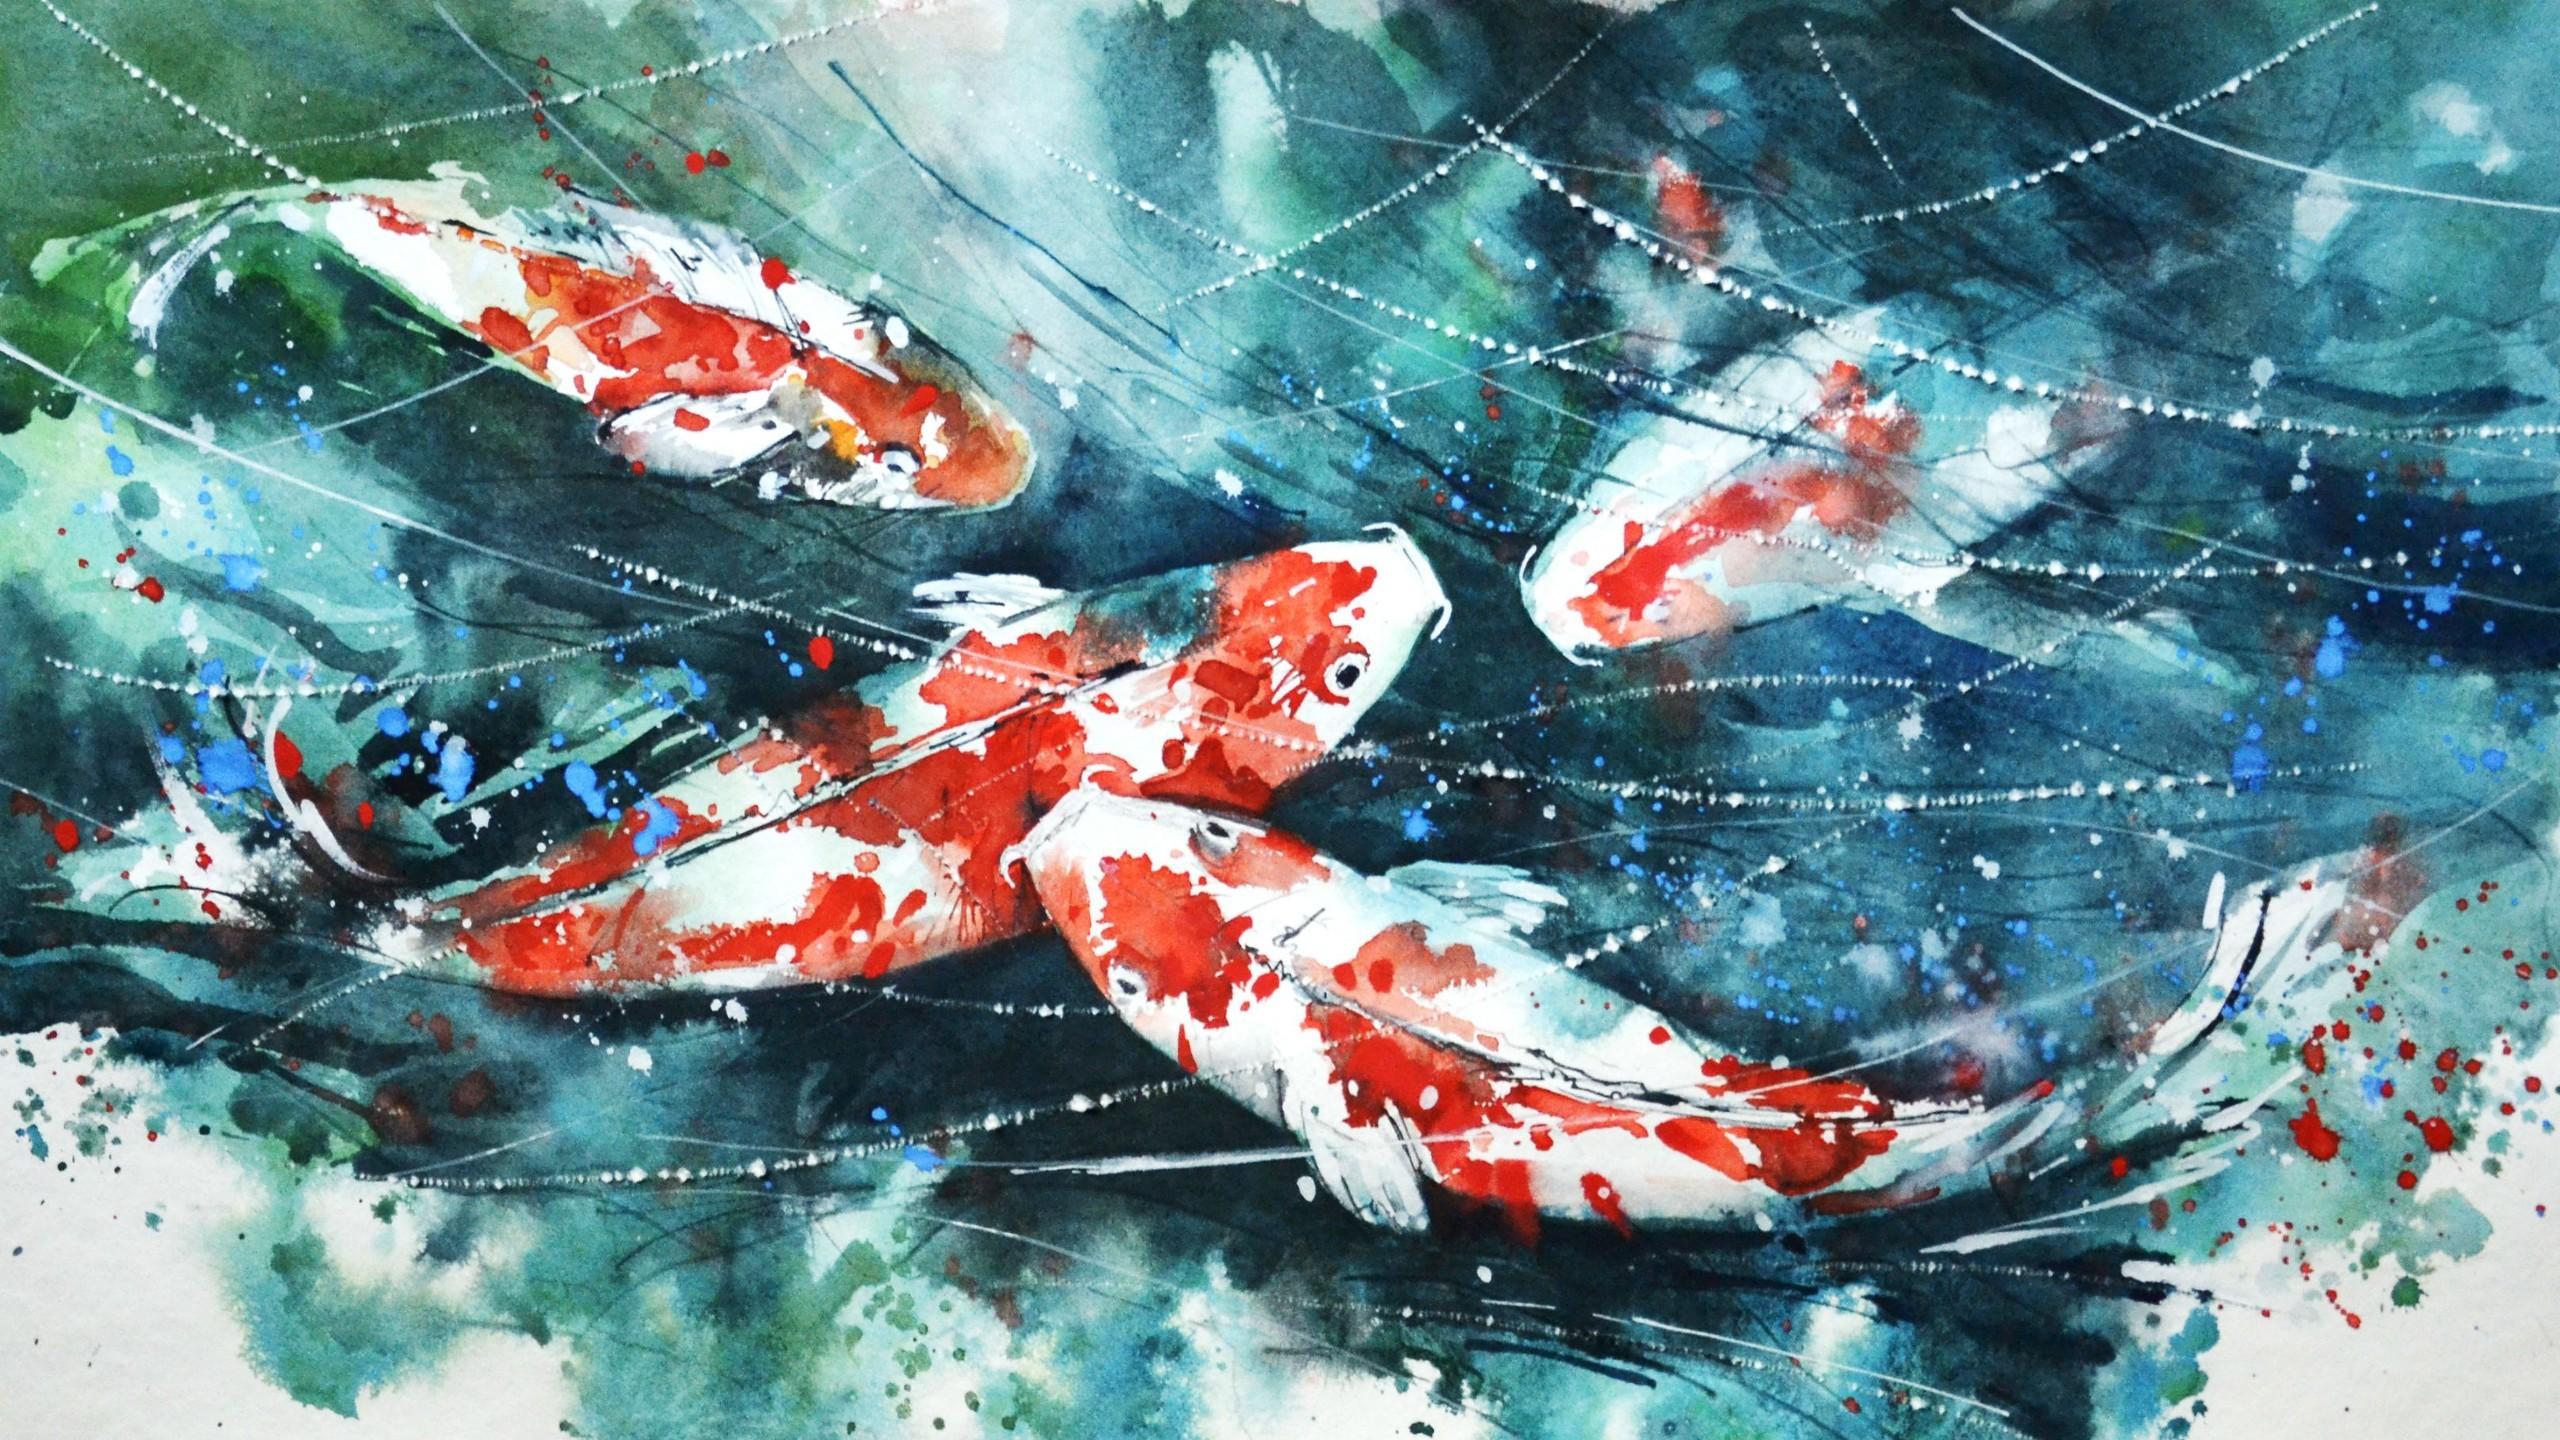 Hd koi fish wallpaper 54 images - Carp wallpaper iphone ...